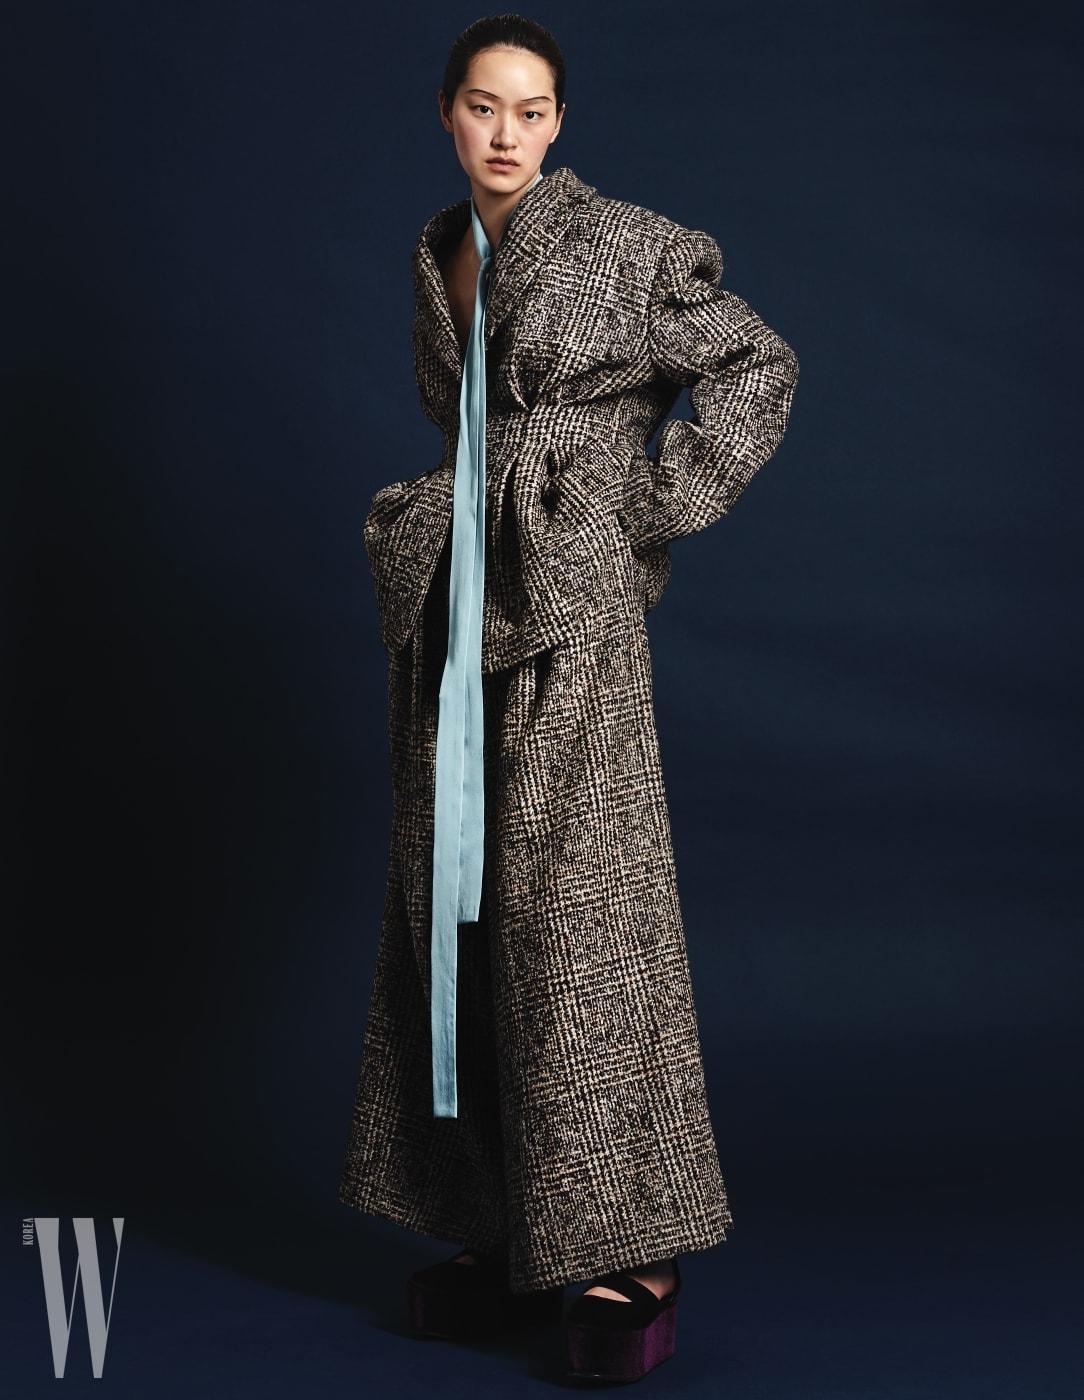 풍성한 어깨, 잘록한 허리가 특징인 클래식한 재킷, 와이드 팬츠, 하늘색 실크 타이, 밸벳 소재의 웨지 샌들은 모두 Jinteok 제품.